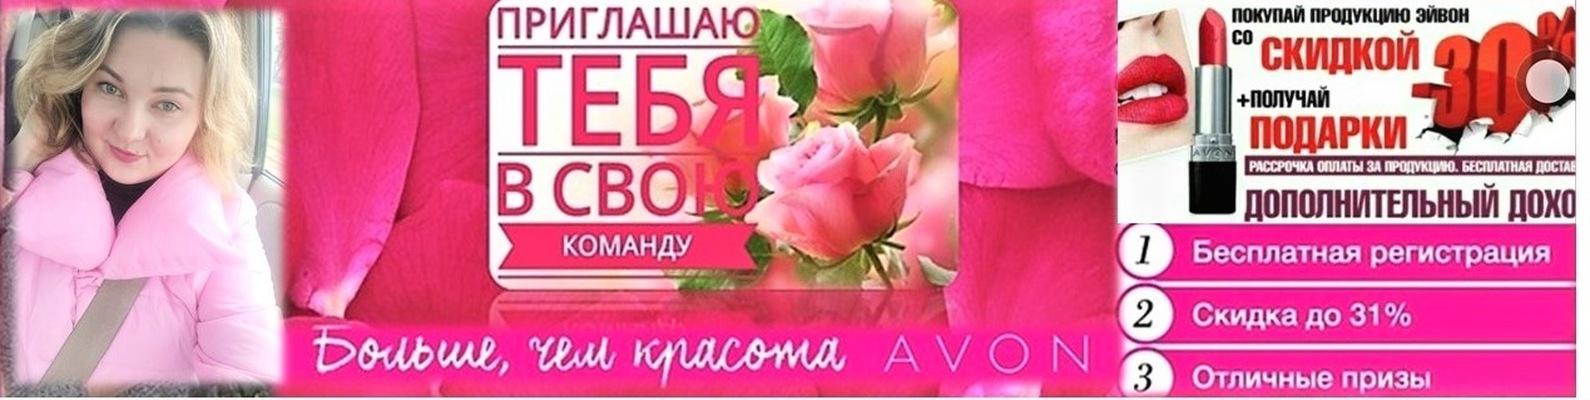 Косметика эйвон в беларуси регистрация косметика диор купить в украине